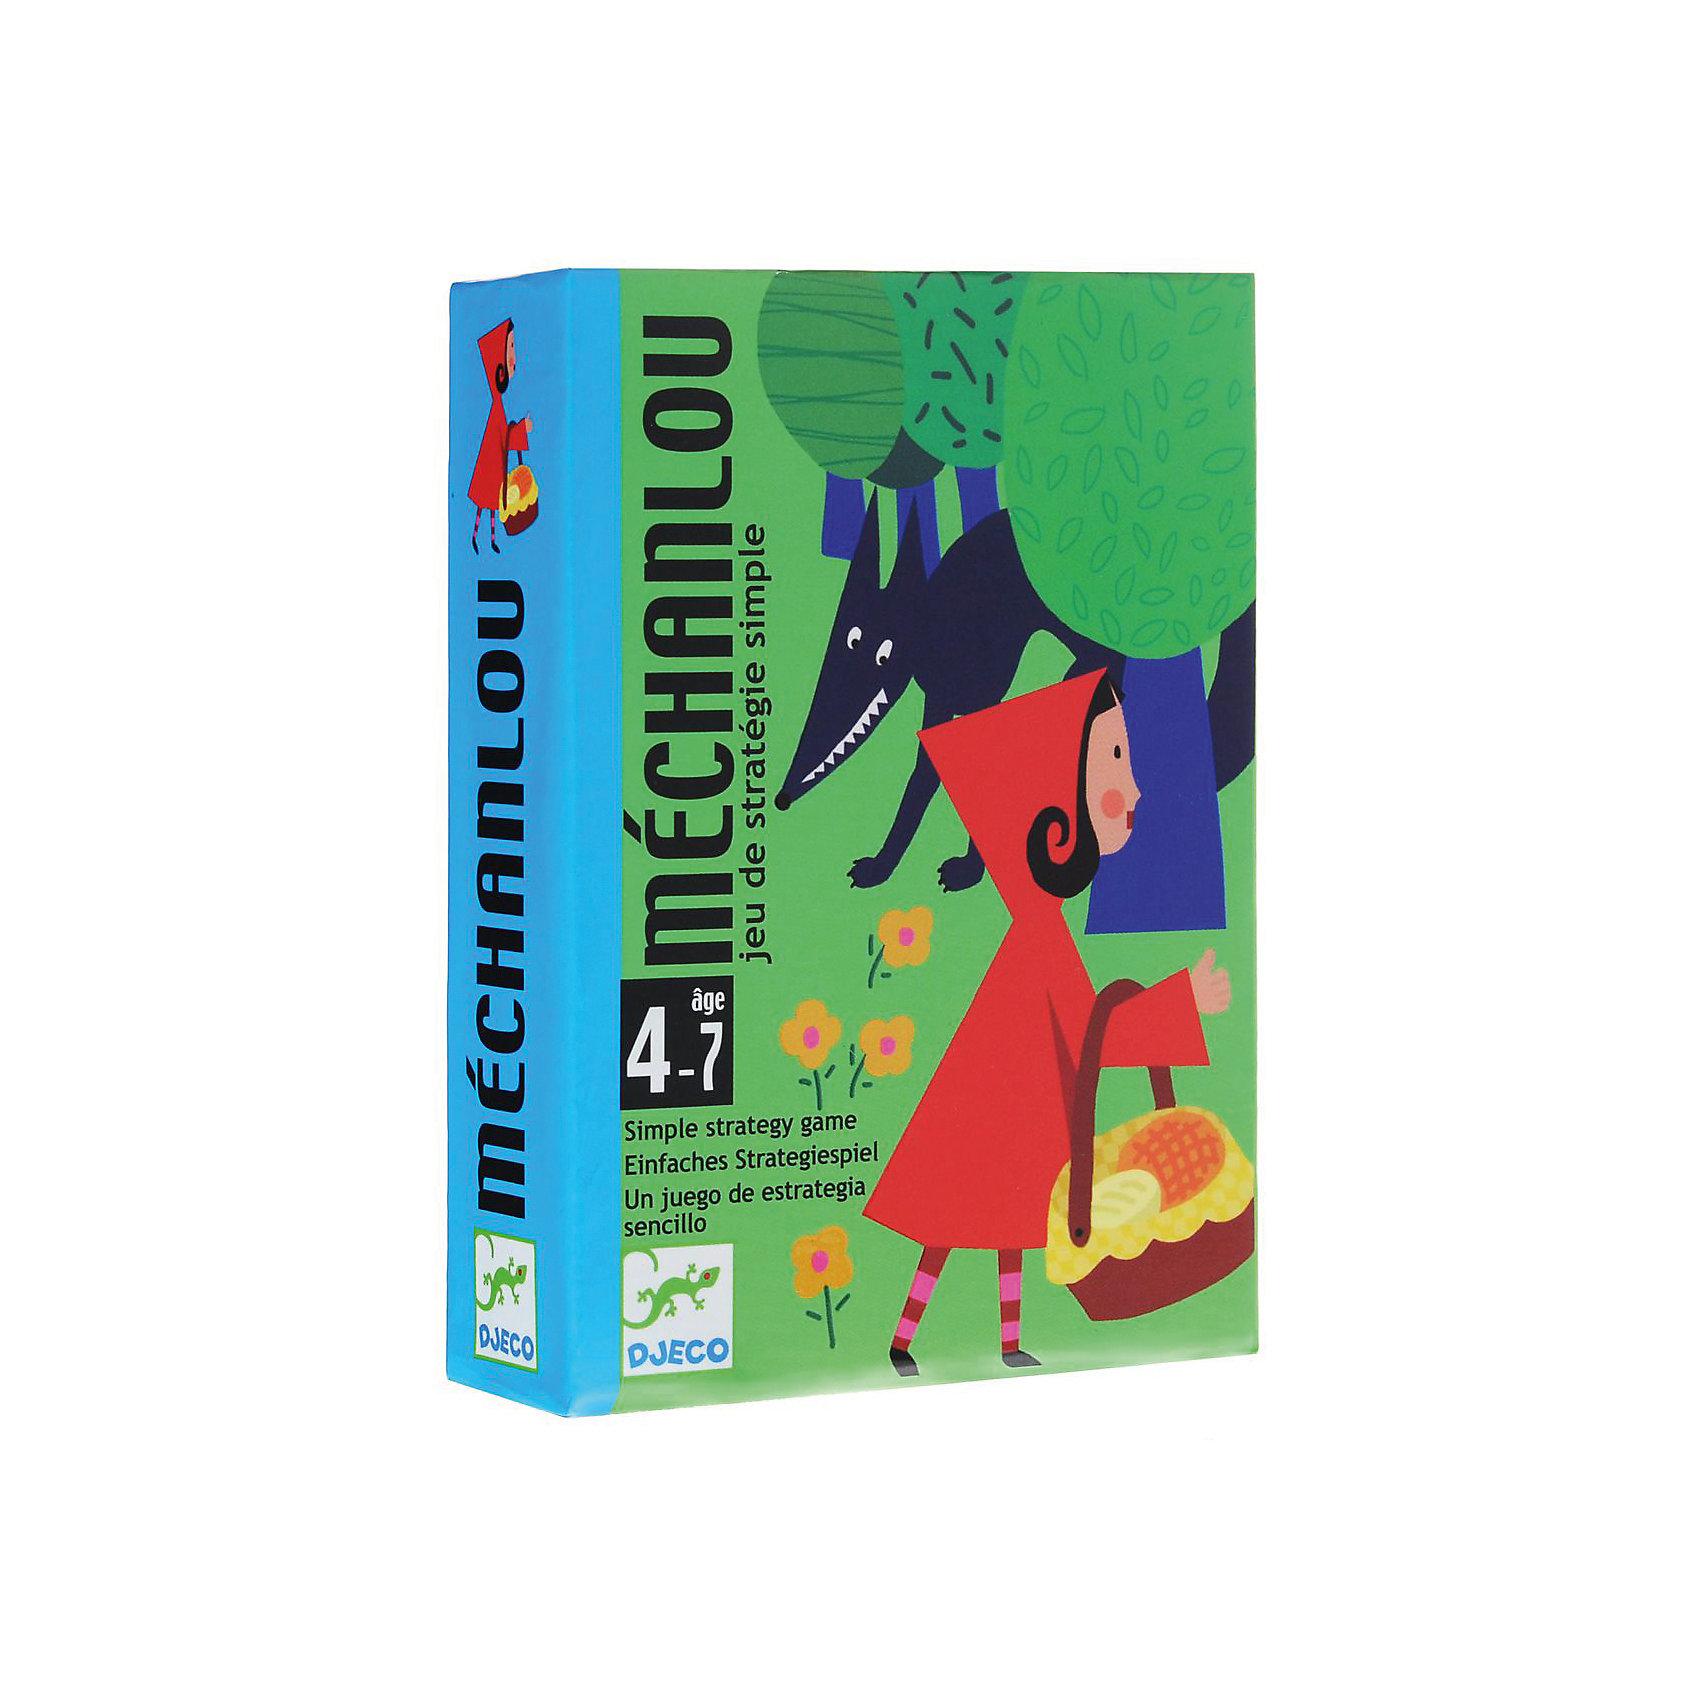 Игра Красная шапочка, DJECOИгра Красная шапочка, Djeco (Джеко) - идеальный вариант для совместного времяпрепровождения с ребенком или для детского праздника. Карточная игра с участием любимых героев известной сказки непременно вызовет живой интерес у детей. Перед началом игры из 8 карт лес формируется круг, в центр которого кладутся оставшиеся 8, остальные карты тасуются в колоду. Каждый из участников получает по 3 карты, остальные карты они будут добирать из колоды в ходе игры. Выполняя одно из трех разрешенных действий (выложить лицом вверх сказочную карту, сбросить одну карту, напасть на сказочную карту соперника с помощью карты волк), игроки стараются выстроить стратегию игры и собрать все 6 сказочных карт. Победителем становится игрок первым собравший сказочную историю из карточек. Для детей 4-7 лет.<br><br>Дополнительная информация:<br><br>- В комплекте: 50 карт (24 сказочные карты, 10 карт волк, 8 карт лес с охотником, 8 карт лес с волком), инструкция .<br>- Материал: картон.<br>- Размер упаковки: 11,7 х 8,5 х 2,8 см.<br>- Вес: 0,3 кг. <br><br>Игру Красная шапочка, Djeco (Джеко), можно купить в нашем магазине.<br><br>Ширина мм: 120<br>Глубина мм: 90<br>Высота мм: 30<br>Вес г: 210<br>Возраст от месяцев: 48<br>Возраст до месяцев: 84<br>Пол: Унисекс<br>Возраст: Детский<br>SKU: 4566282